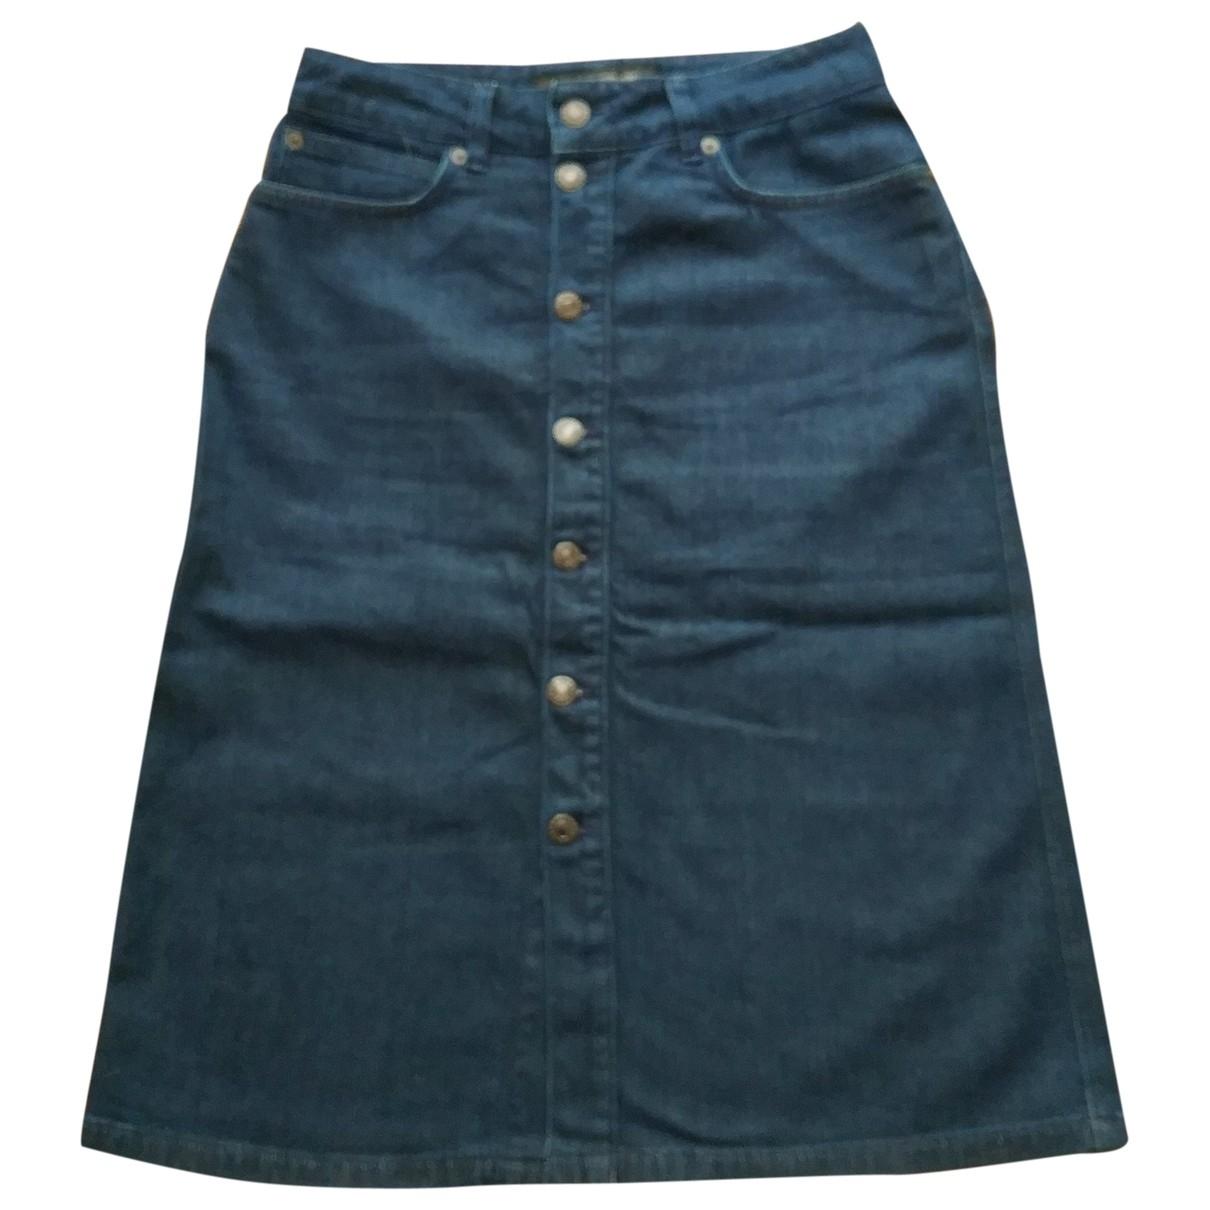 Drykorn \N Blue Denim - Jeans skirt for Women 36 IT